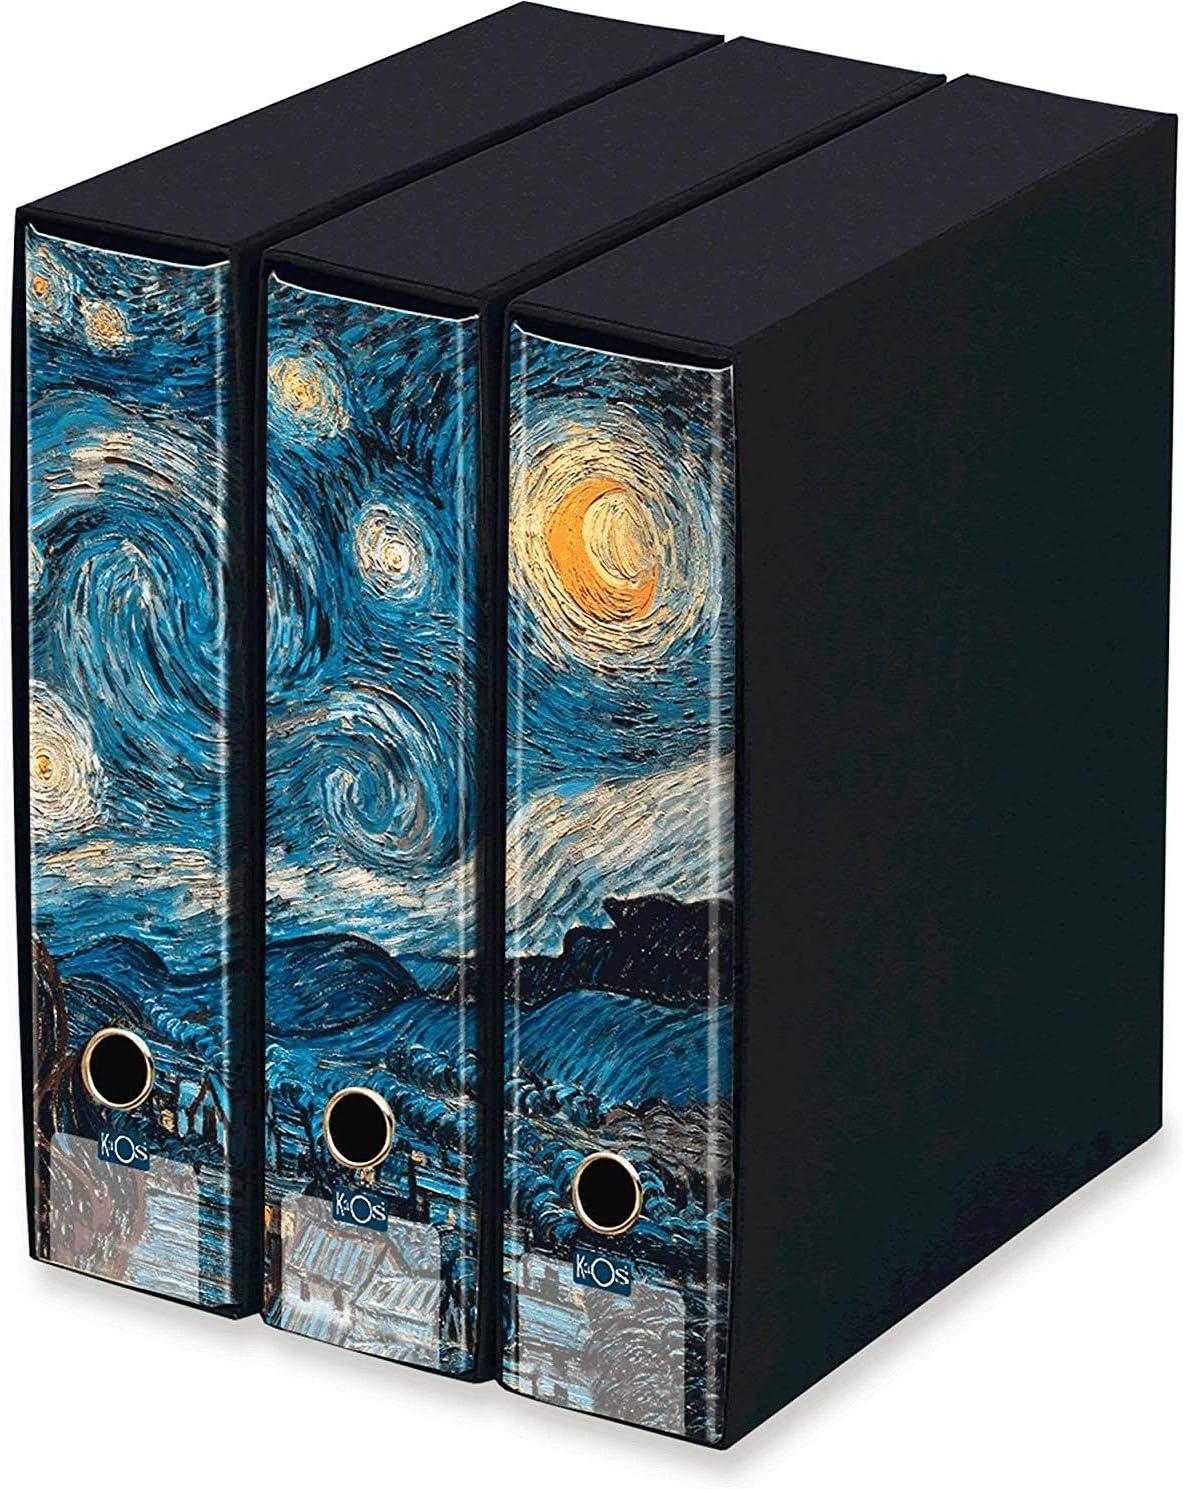 Kaos – Juego de 3 archivadores de anillas Lomo 8 – Starry Night, Vincent Van Gogh – Medidas del juego: 26,8 x 35 x 29 cm